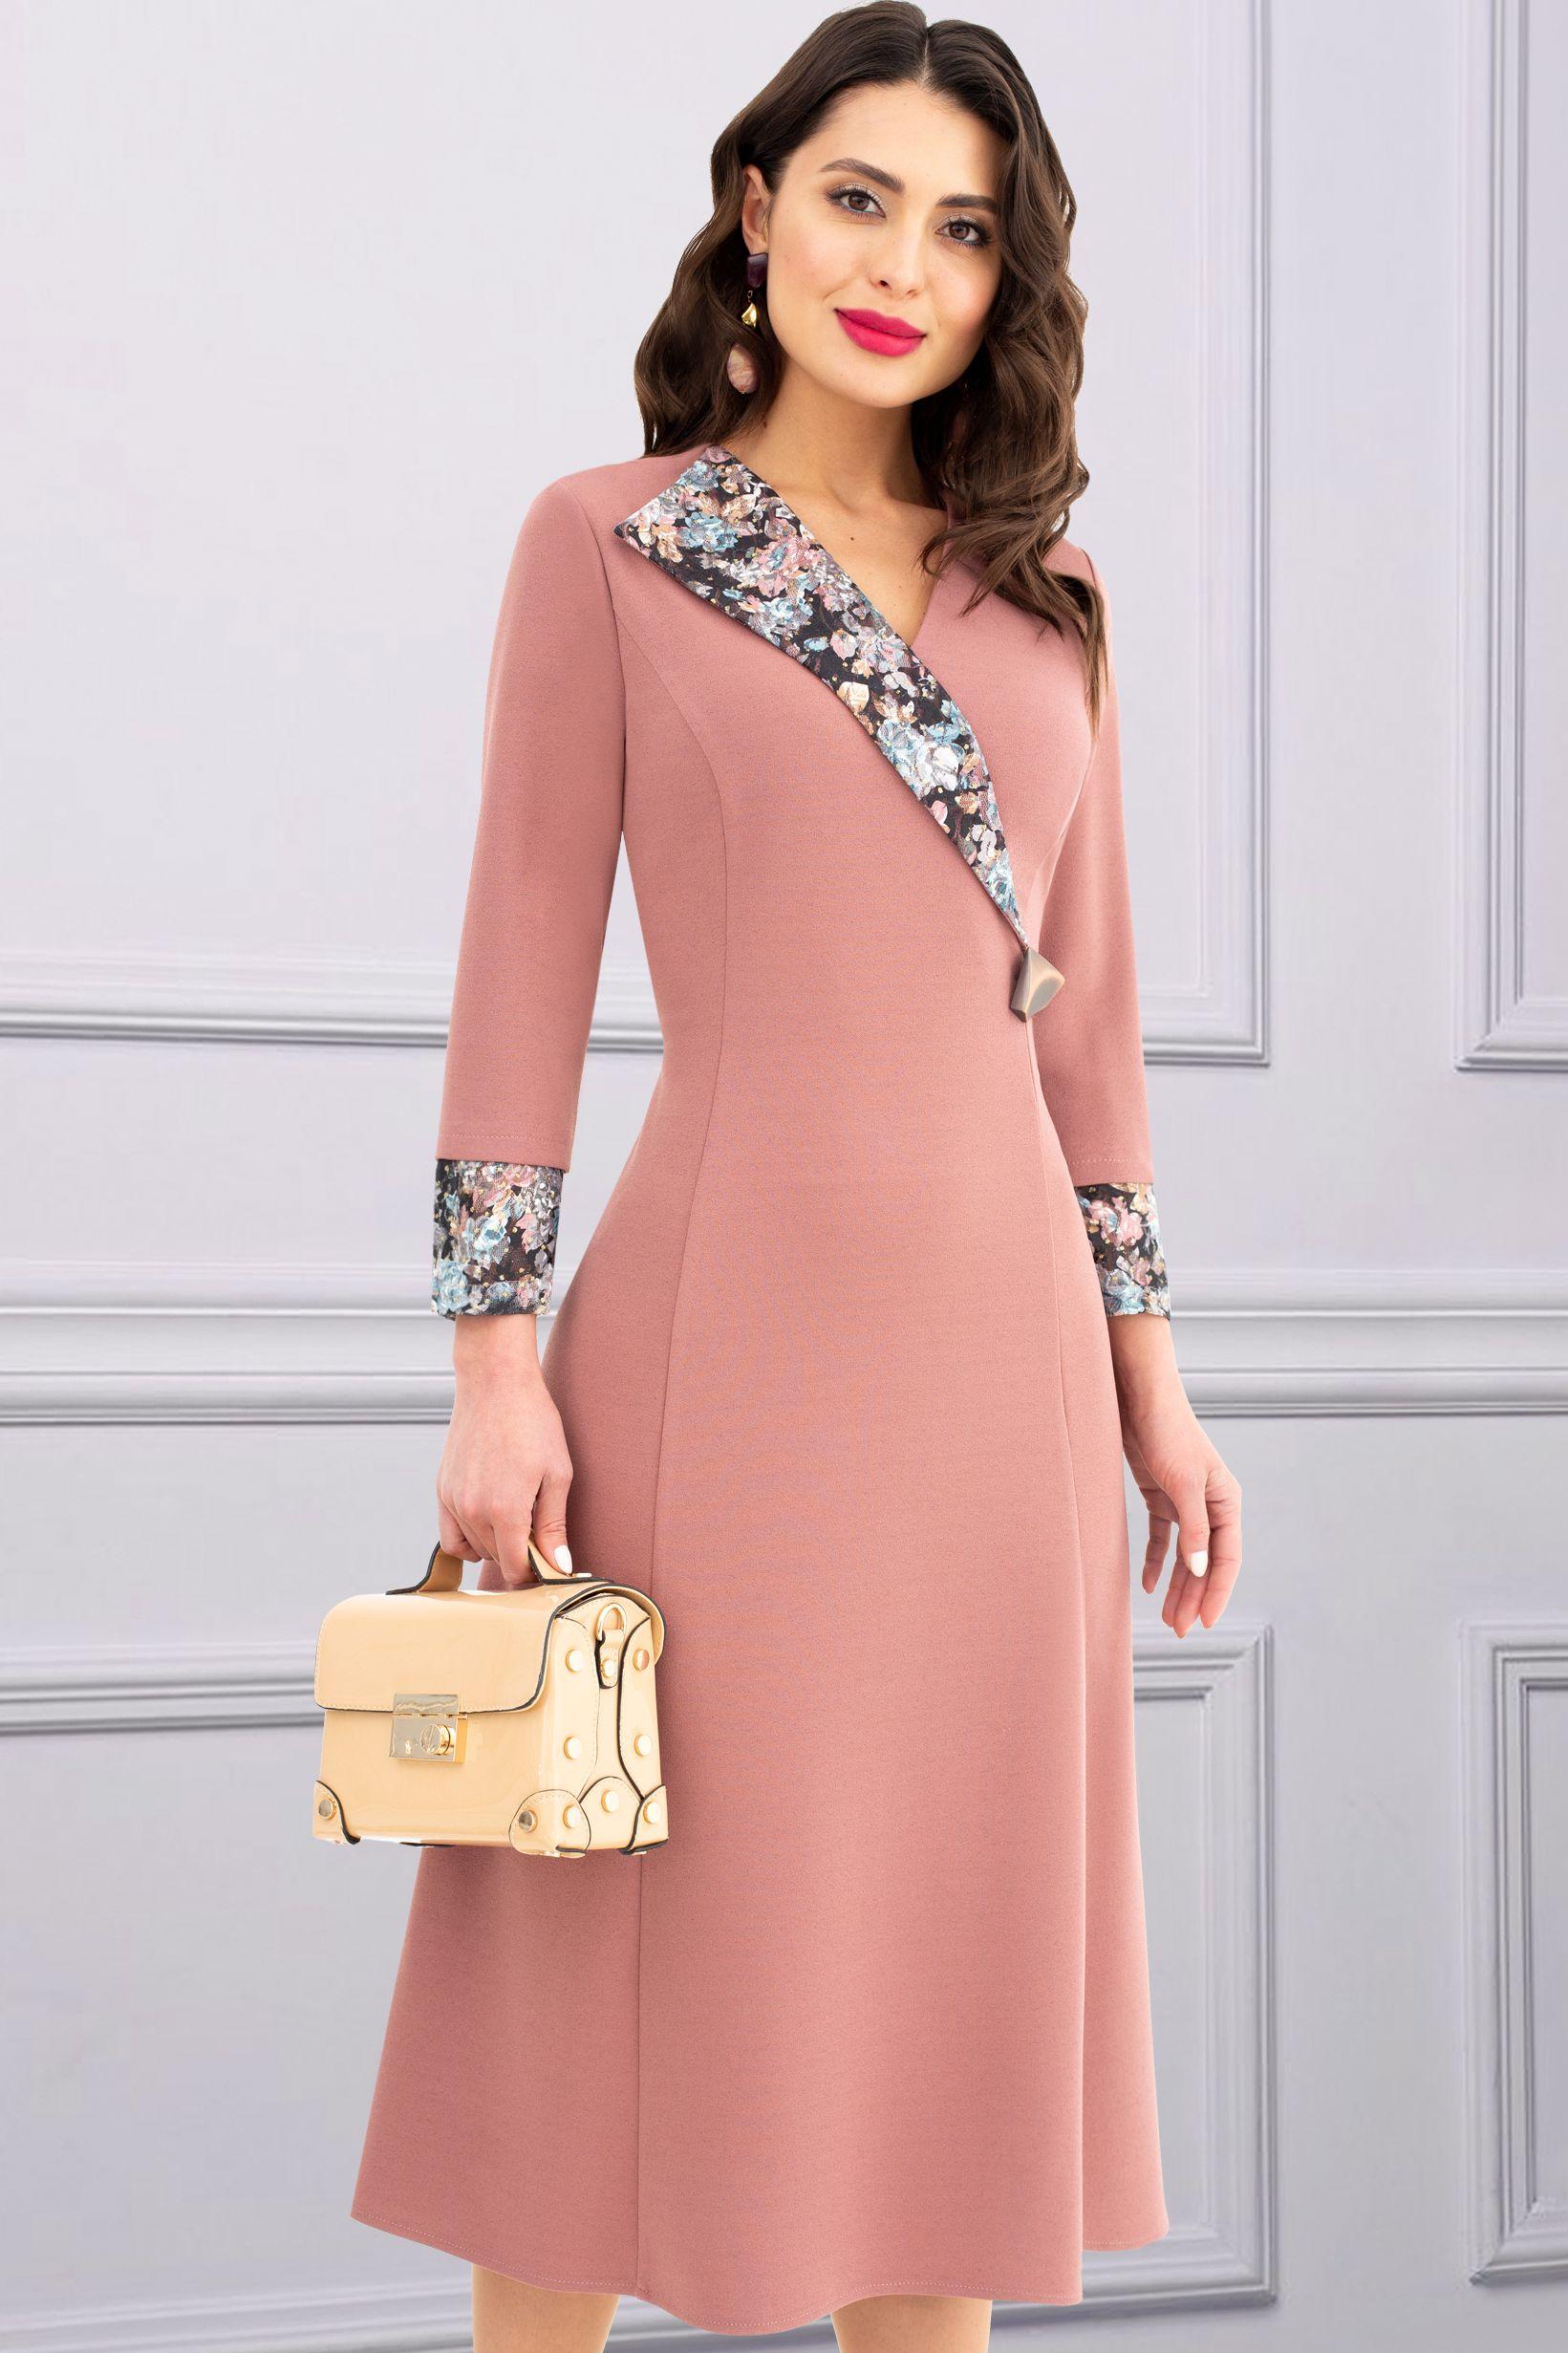 используется самые красивые женские платья фото материала